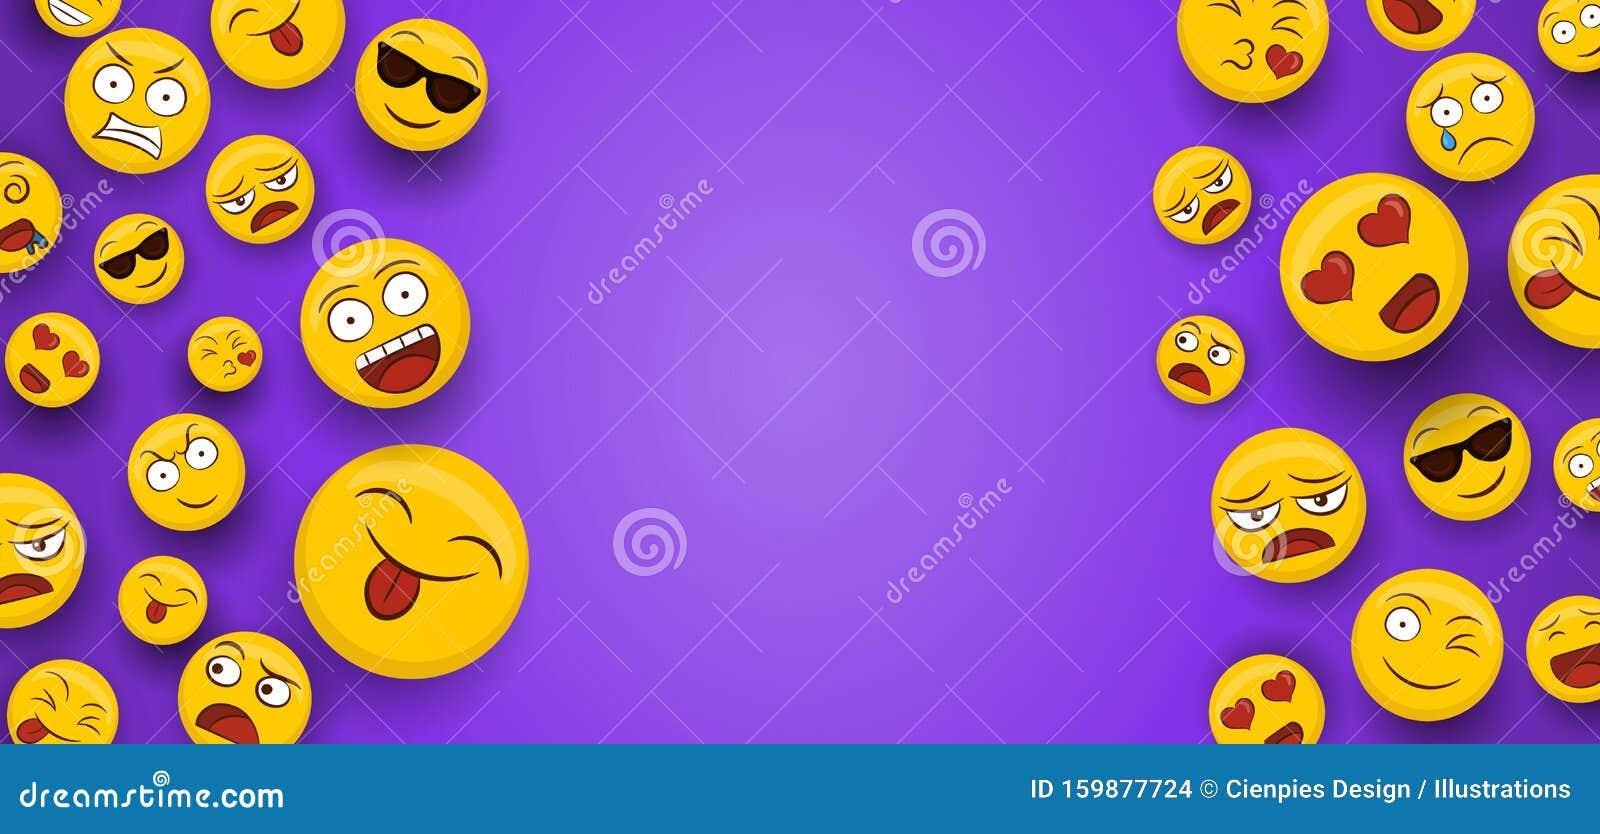 Kostenlos kopieren smileys 3300+ Emojis